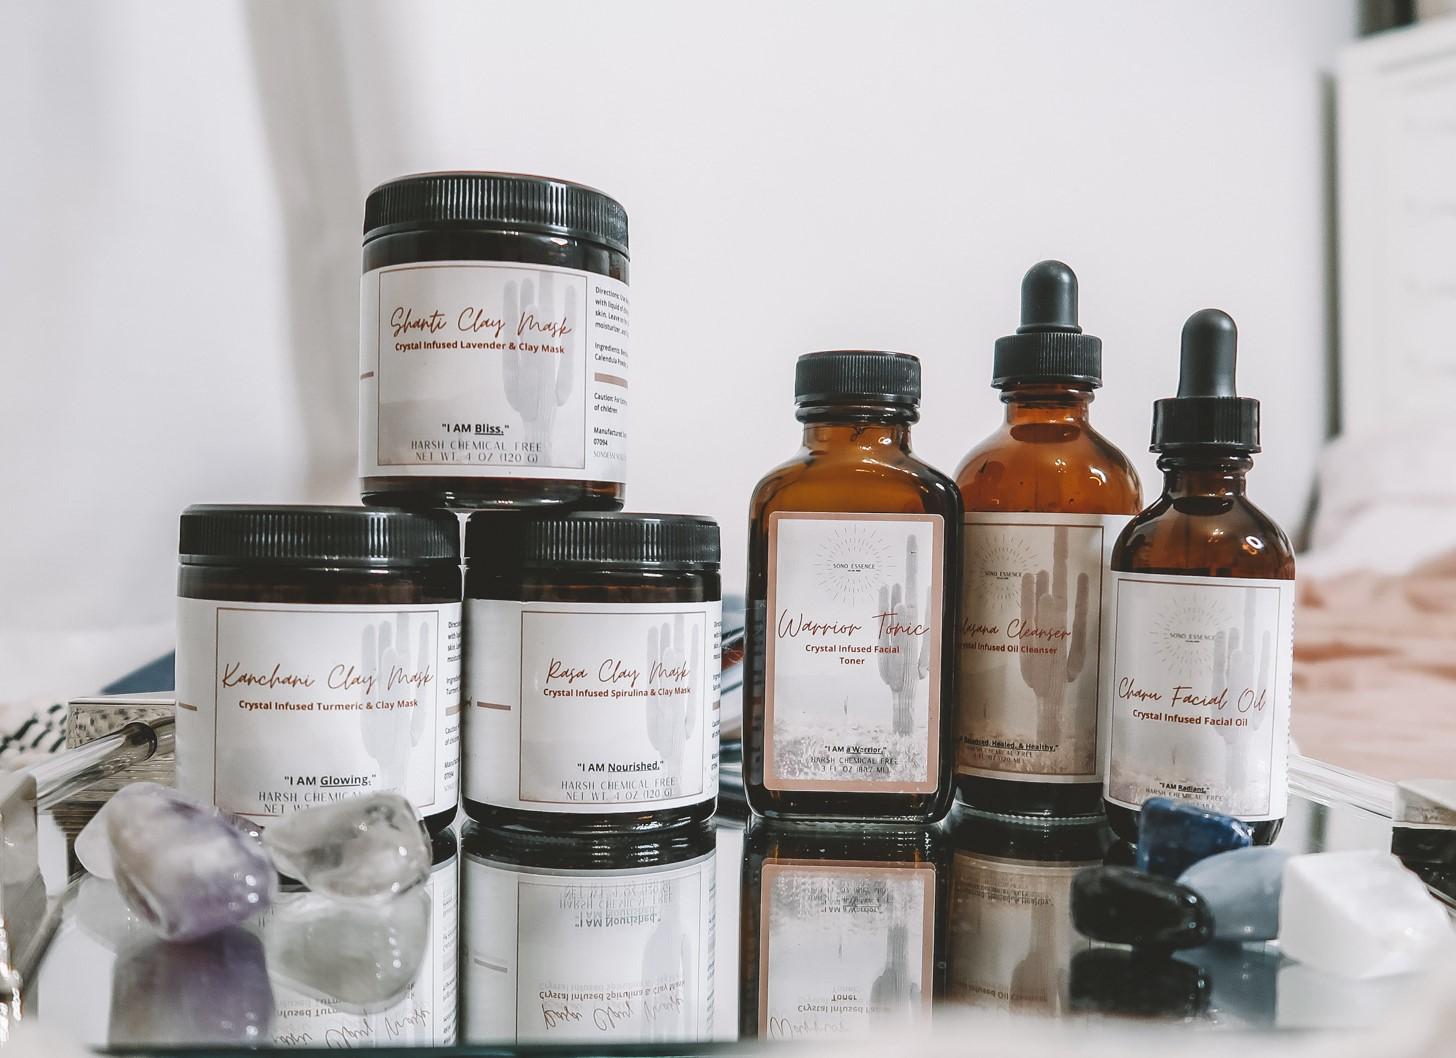 Sono Essence Crystal Infused Luxury Skincare